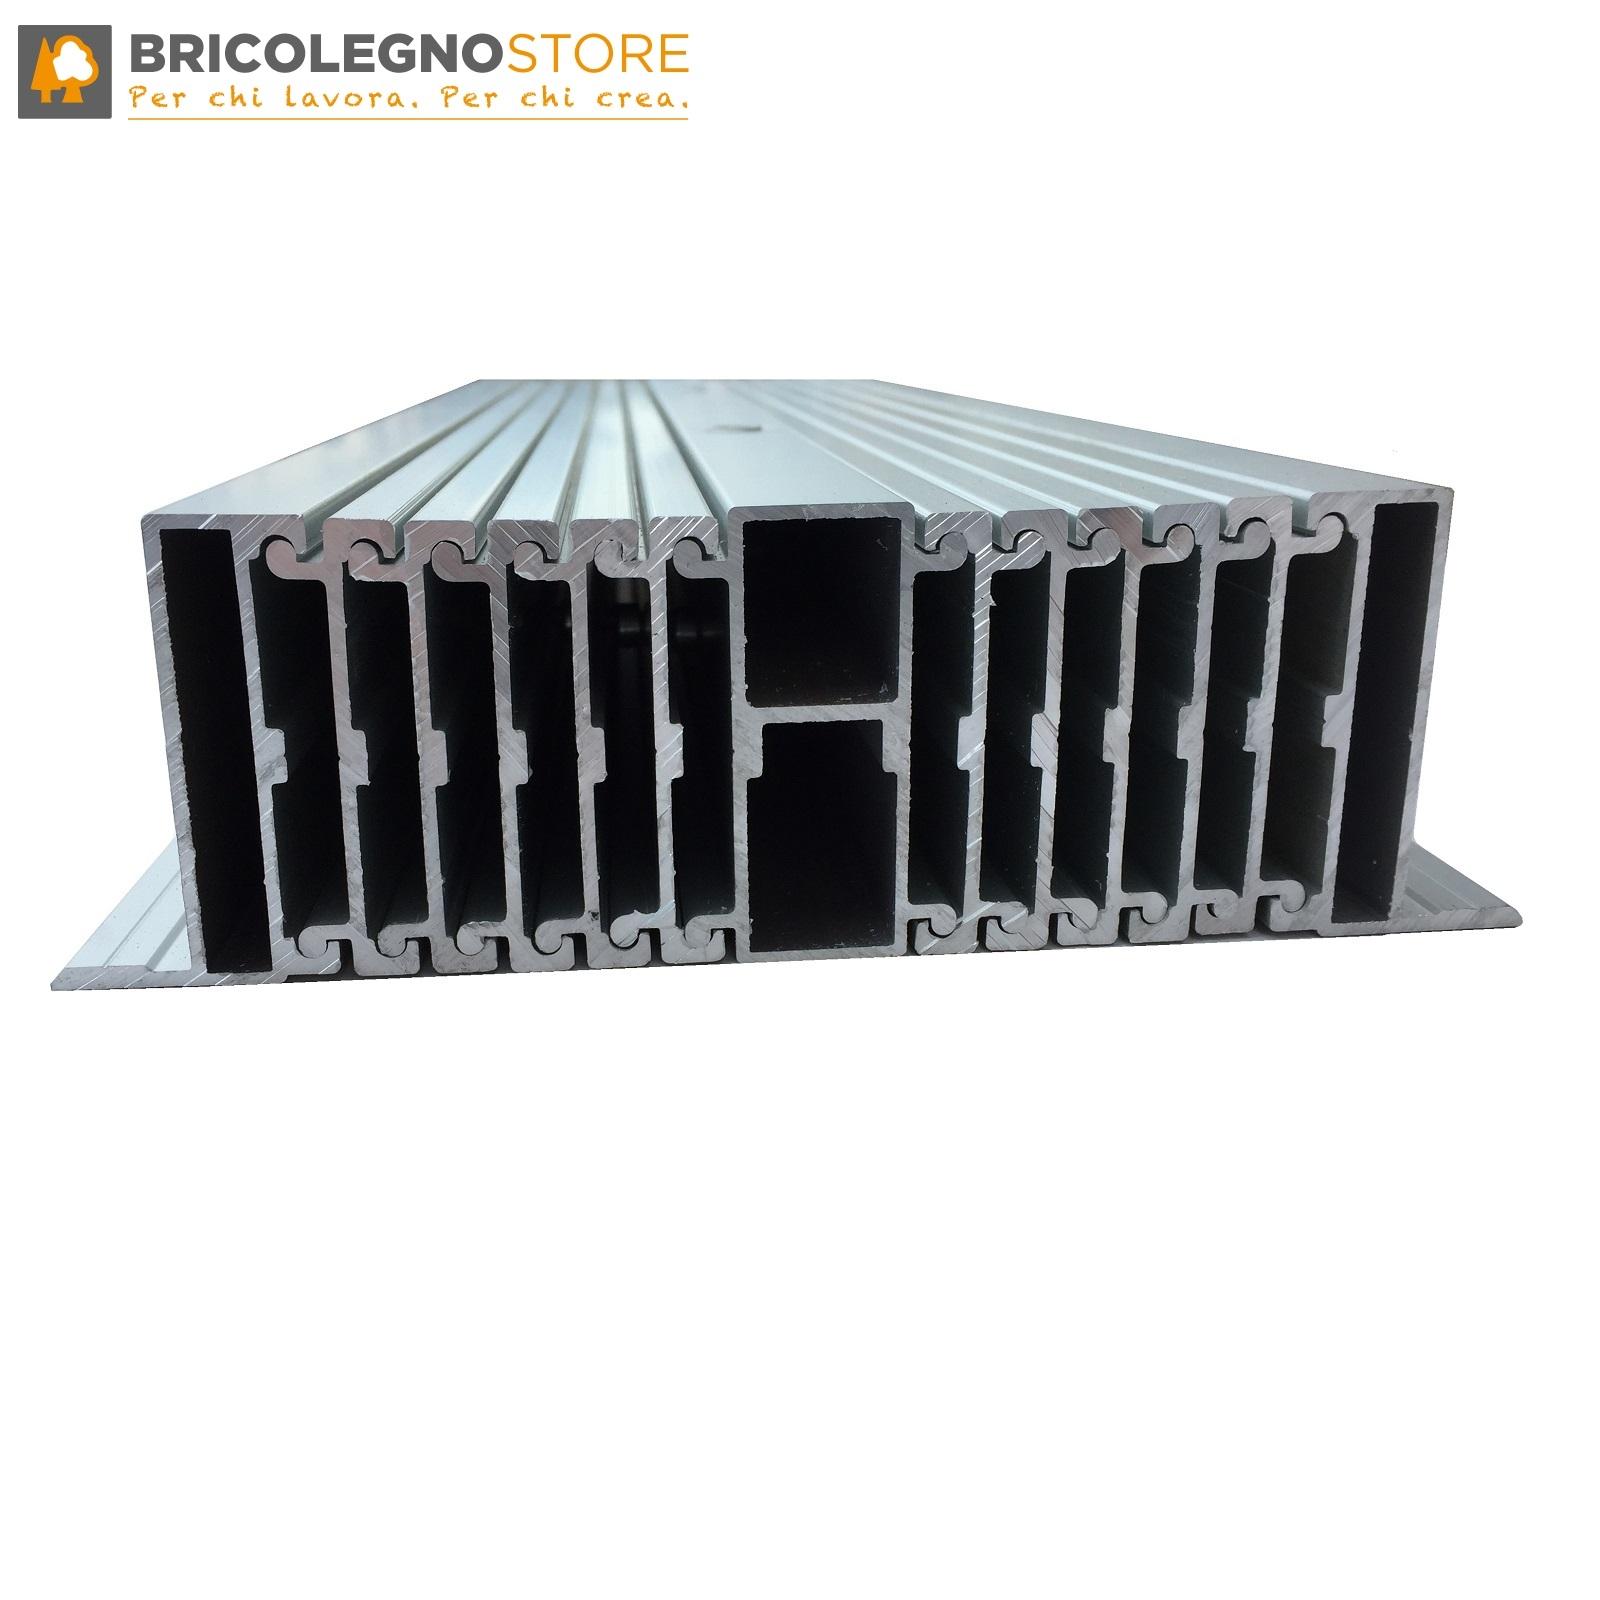 Tavolo Con Gamba Centrale Allungabile guide allungabili telescopiche in alluminio con gamba centrale per tavoli  estensibili e consolle